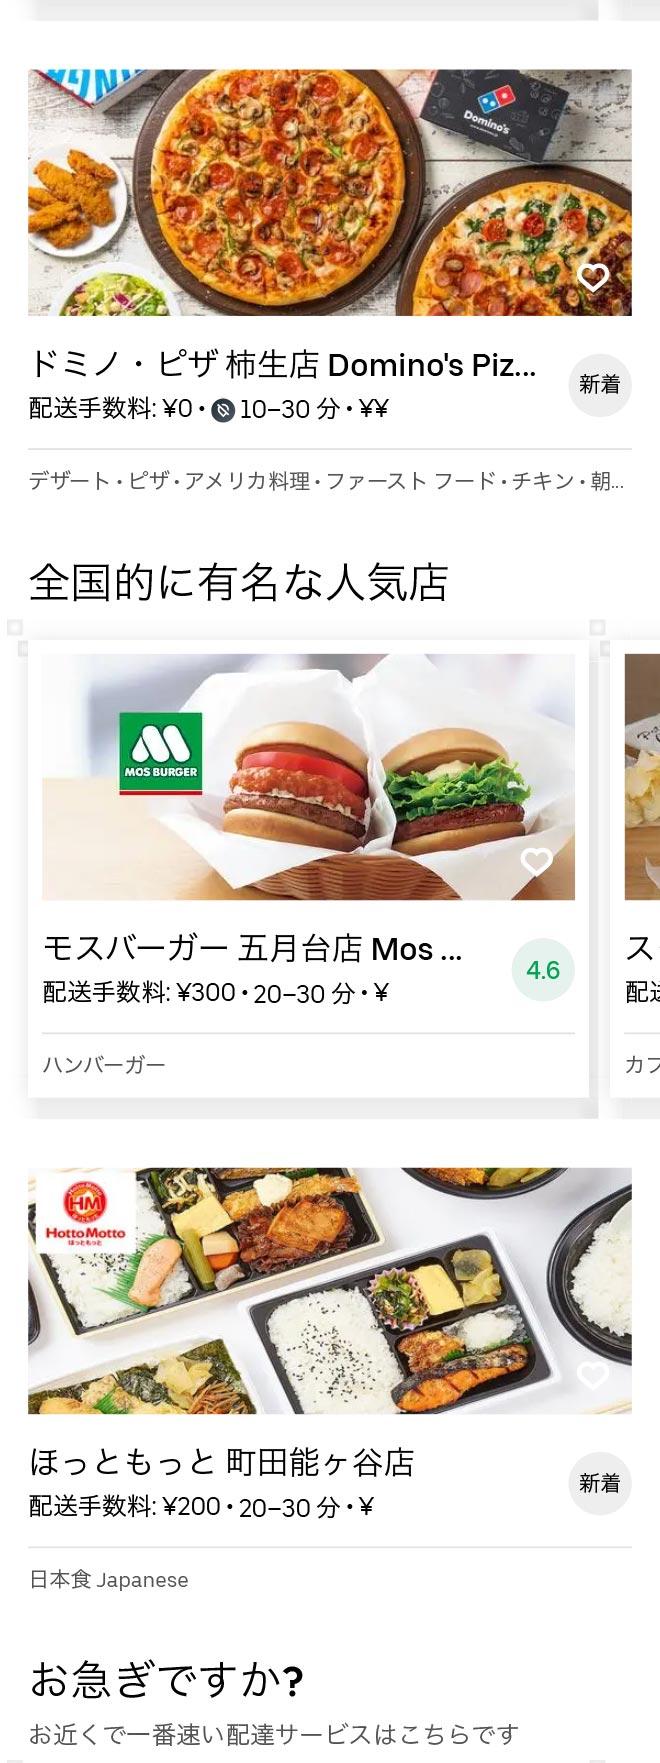 Tsurukawa menu 2010 02